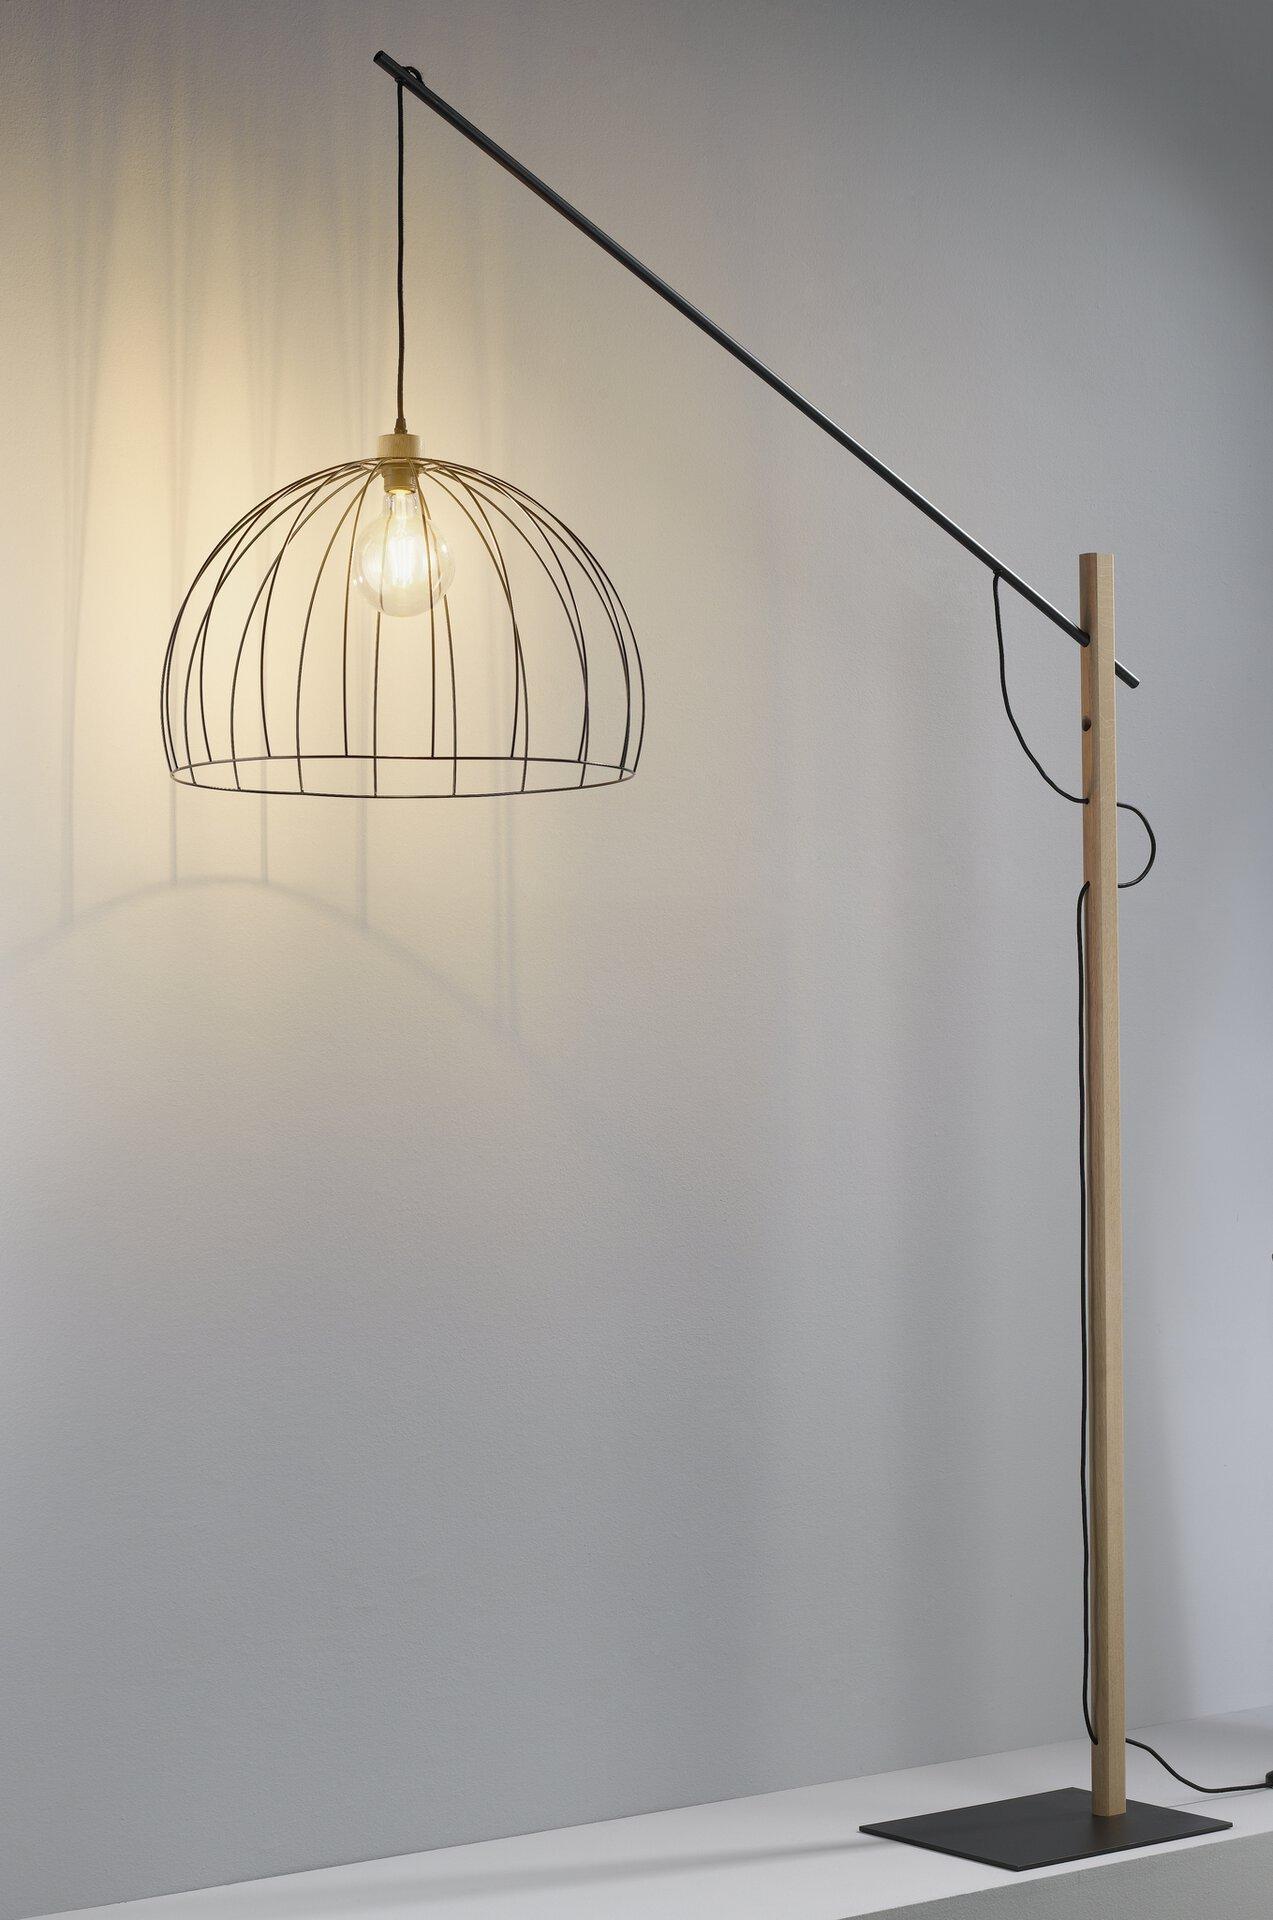 Stehleuchte MANDARINE MONDO Metall schwarz 200 x 160 cm